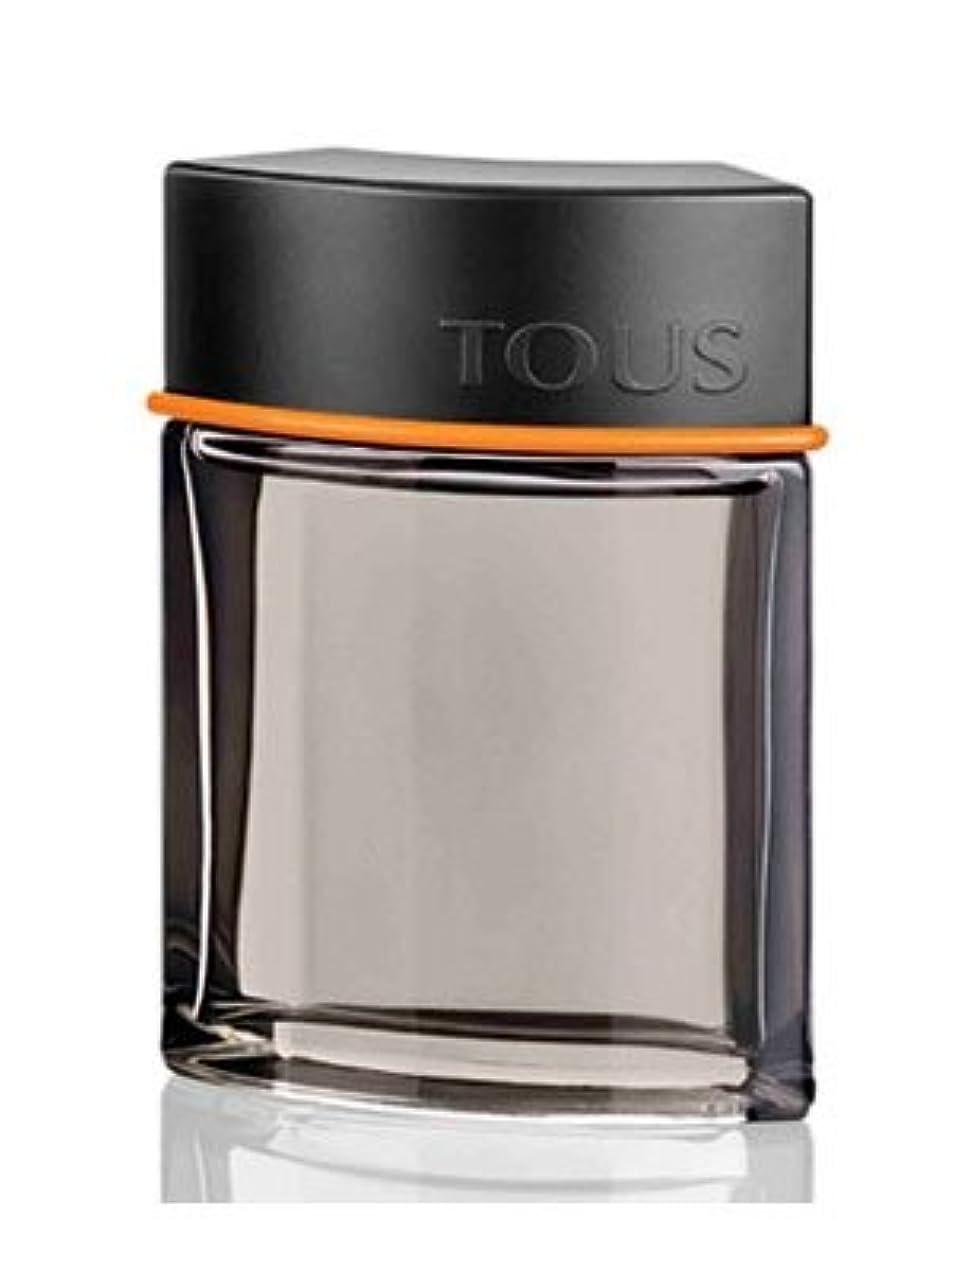 標準ロードされたミットTous Man Intense (タウ マン インテンス) 3.4 oz (100ml) EDT Spray for Men